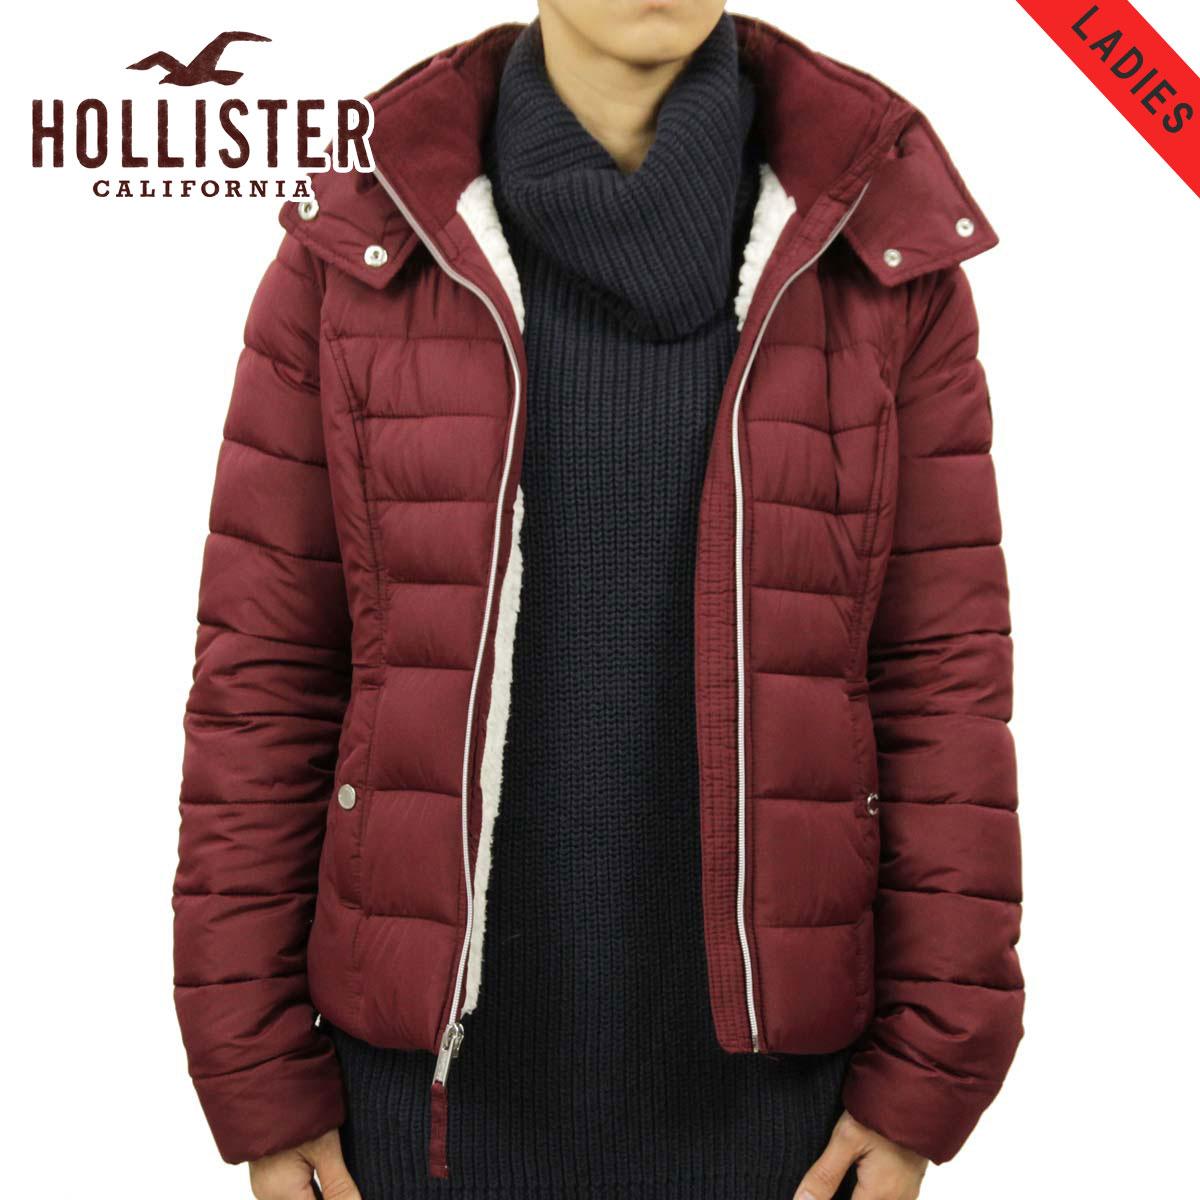 ホリスター HOLLISTER 正規品 レディース アウター パファージャケット Sherpa-Lined Puffer Jacket 344-445-0636-520